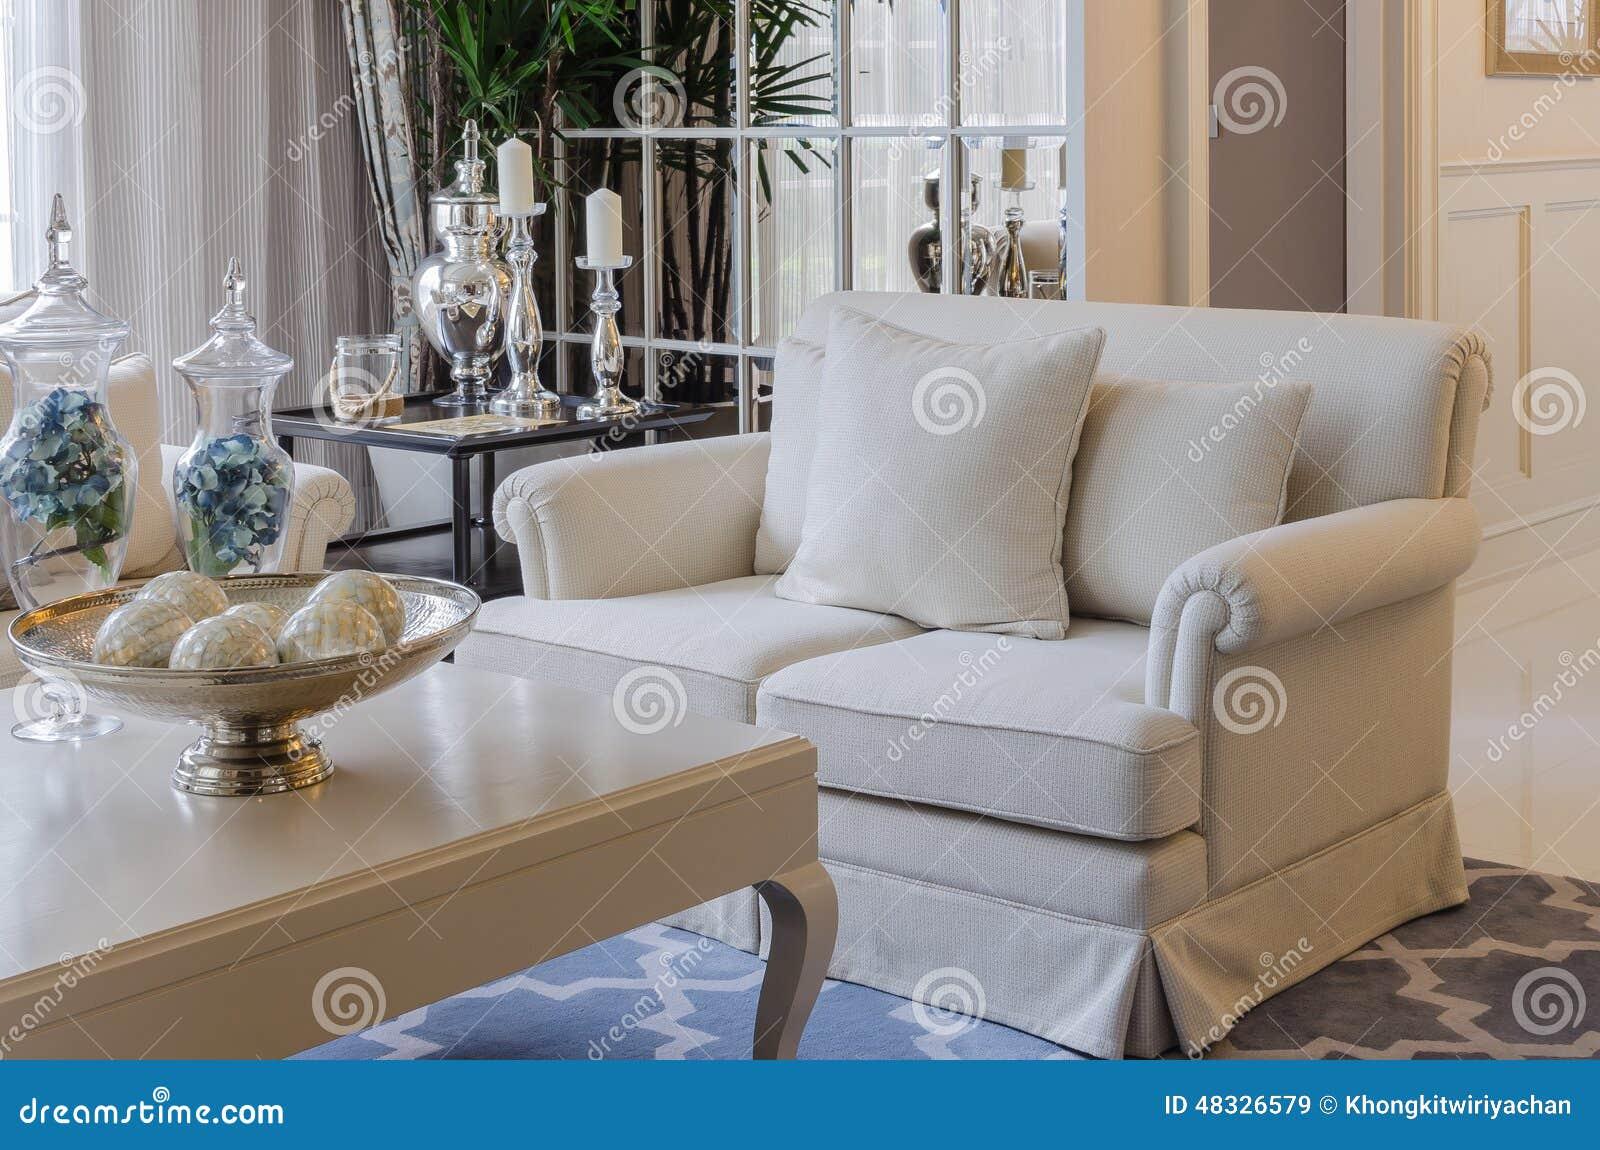 luxuty wohnzimmer mit beige sofa stockfoto bild 48326579